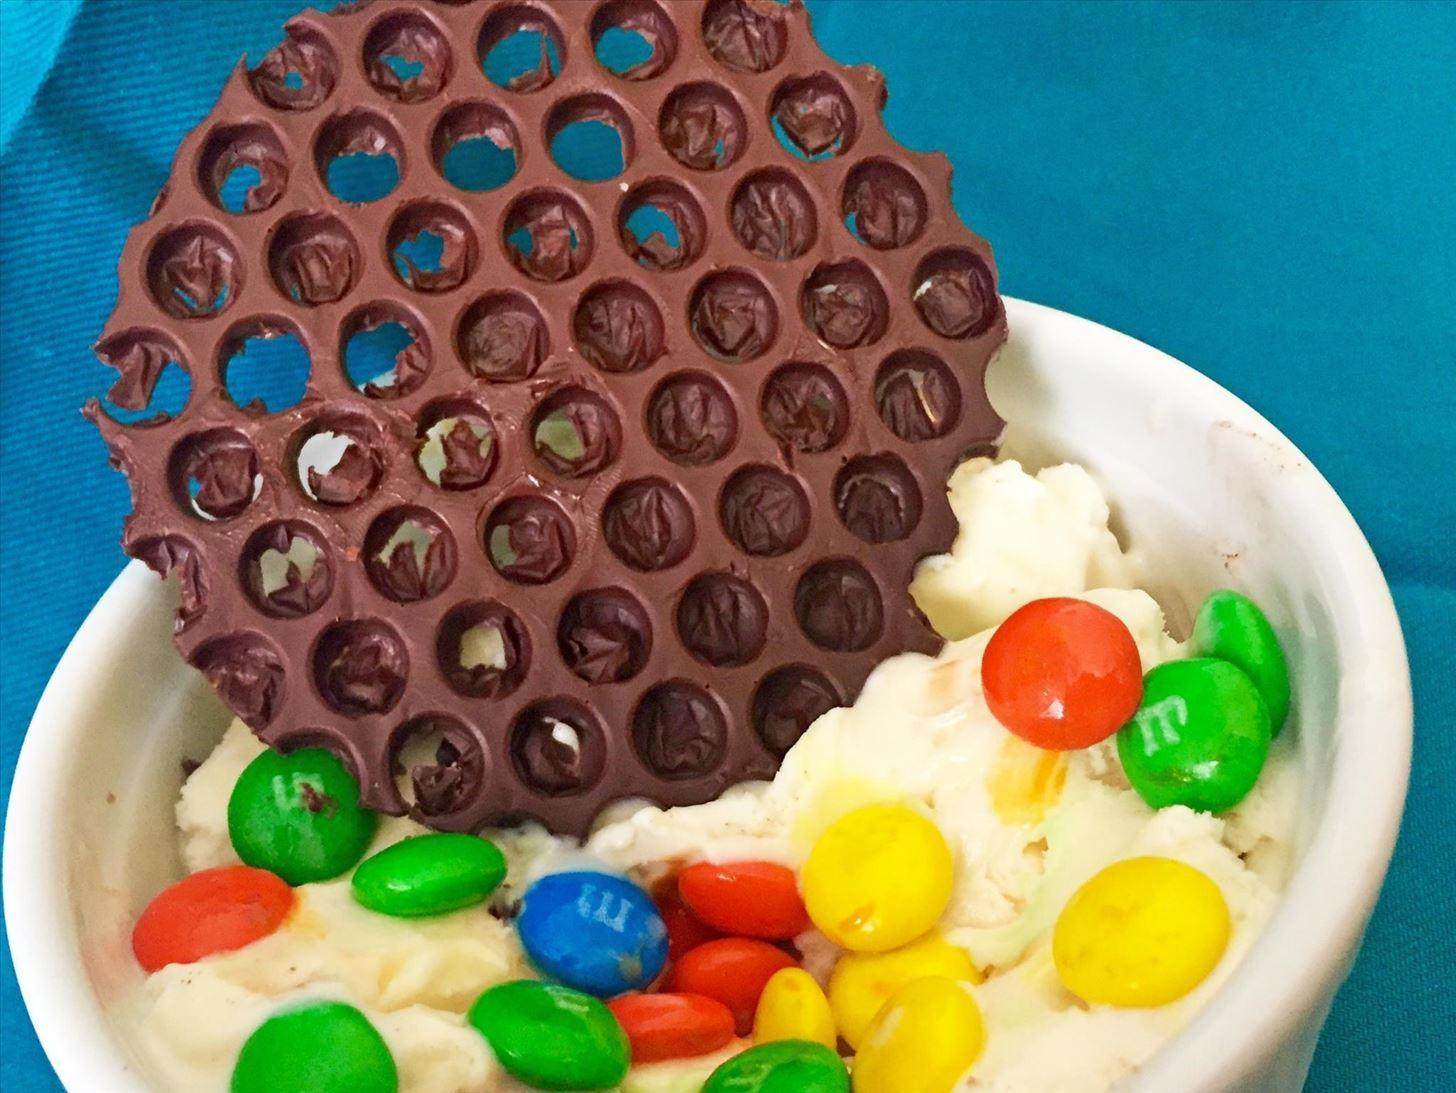 Make Amazing Dessert Art Using Bubble Wrap